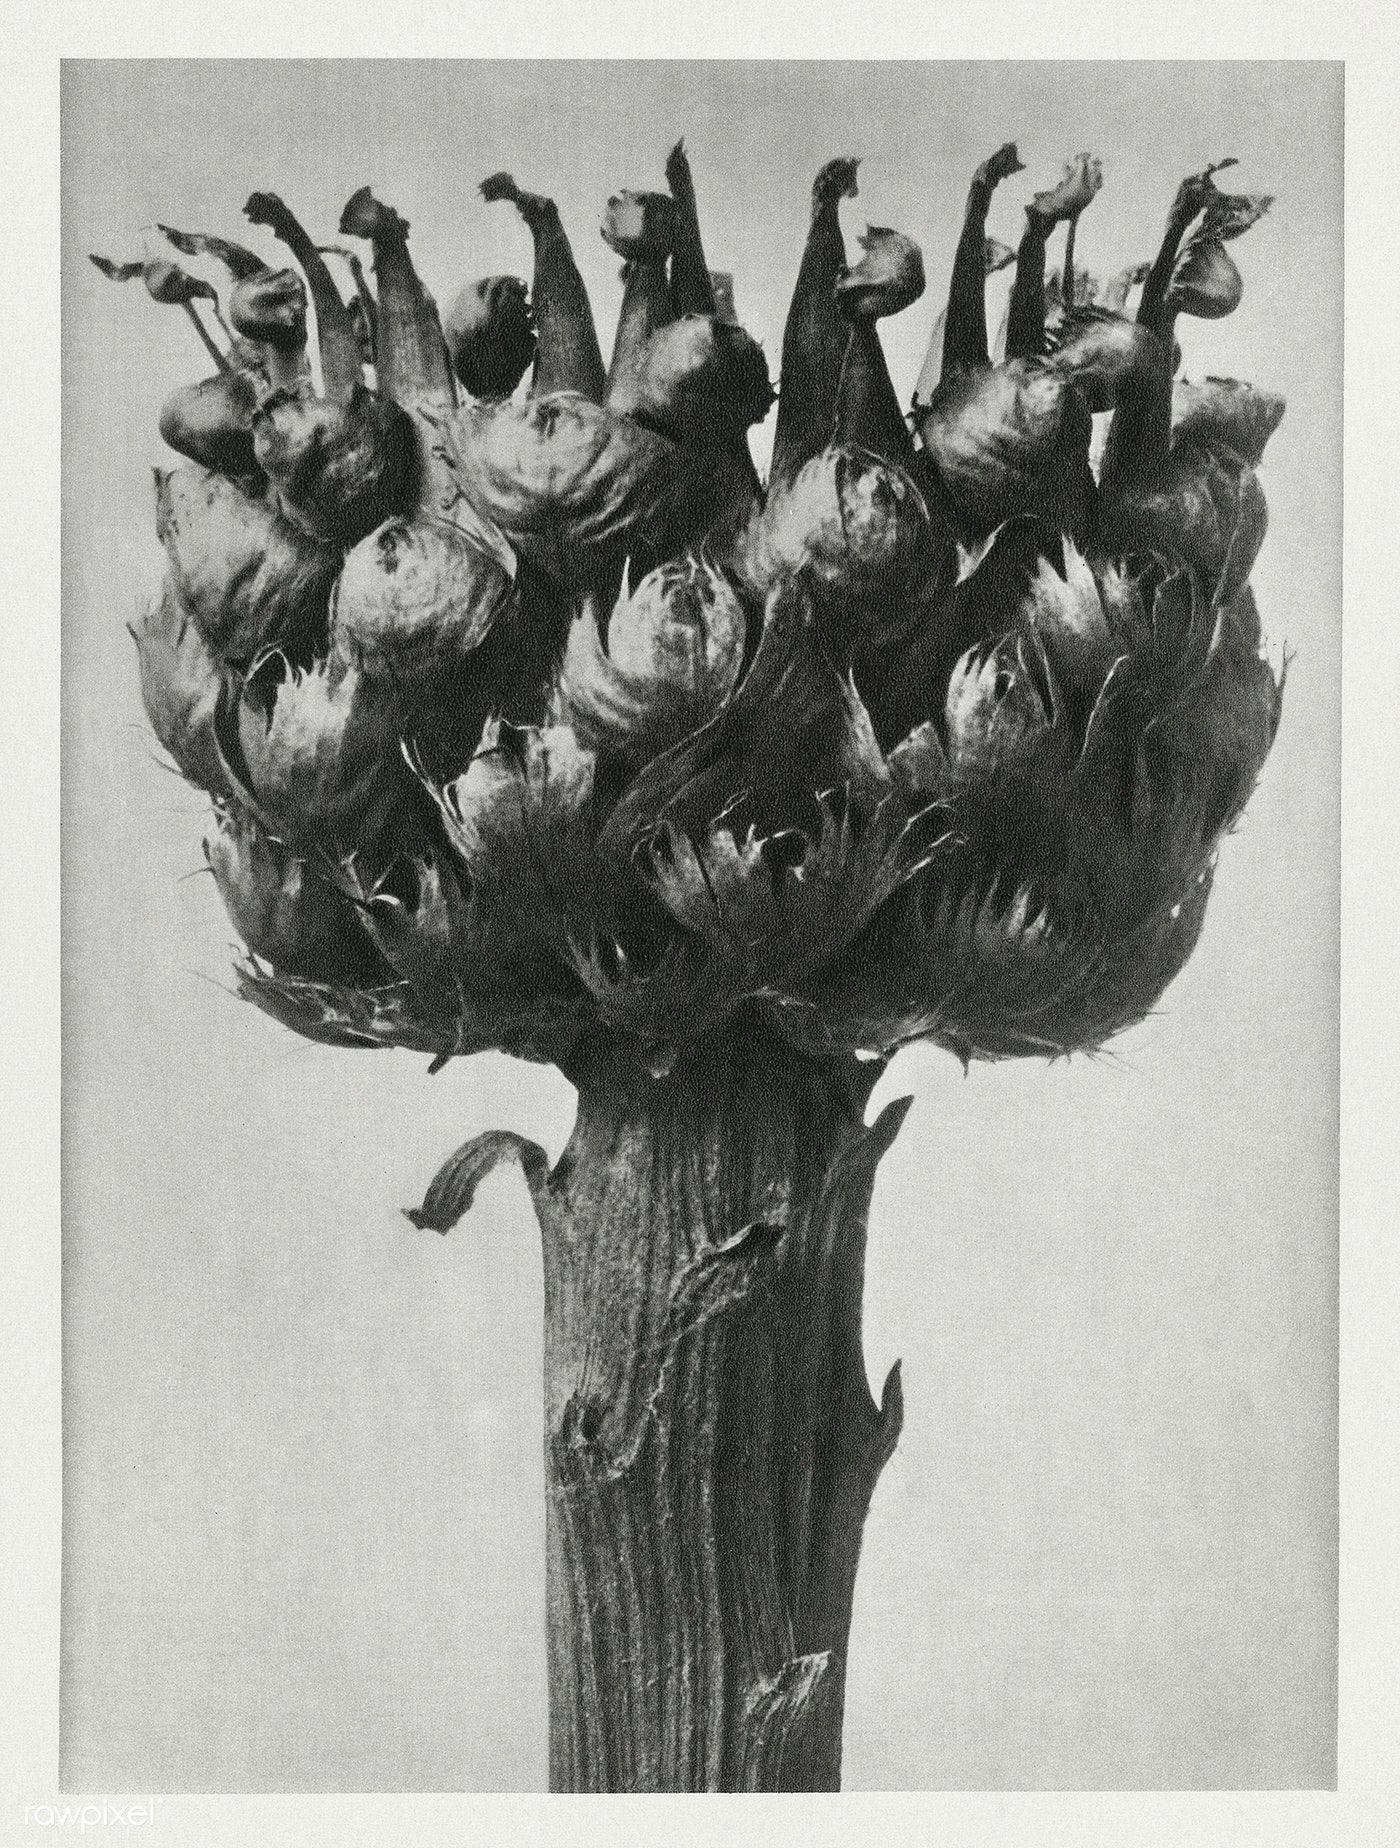 Centaurea Macrocephala Bighead Knapweed Enlarged 5 Times From Urformen Der Kunst 1928 By Karl Blossfeldt Origi In 2020 Karl Blossfeldt Fine Art Botanical Drawings